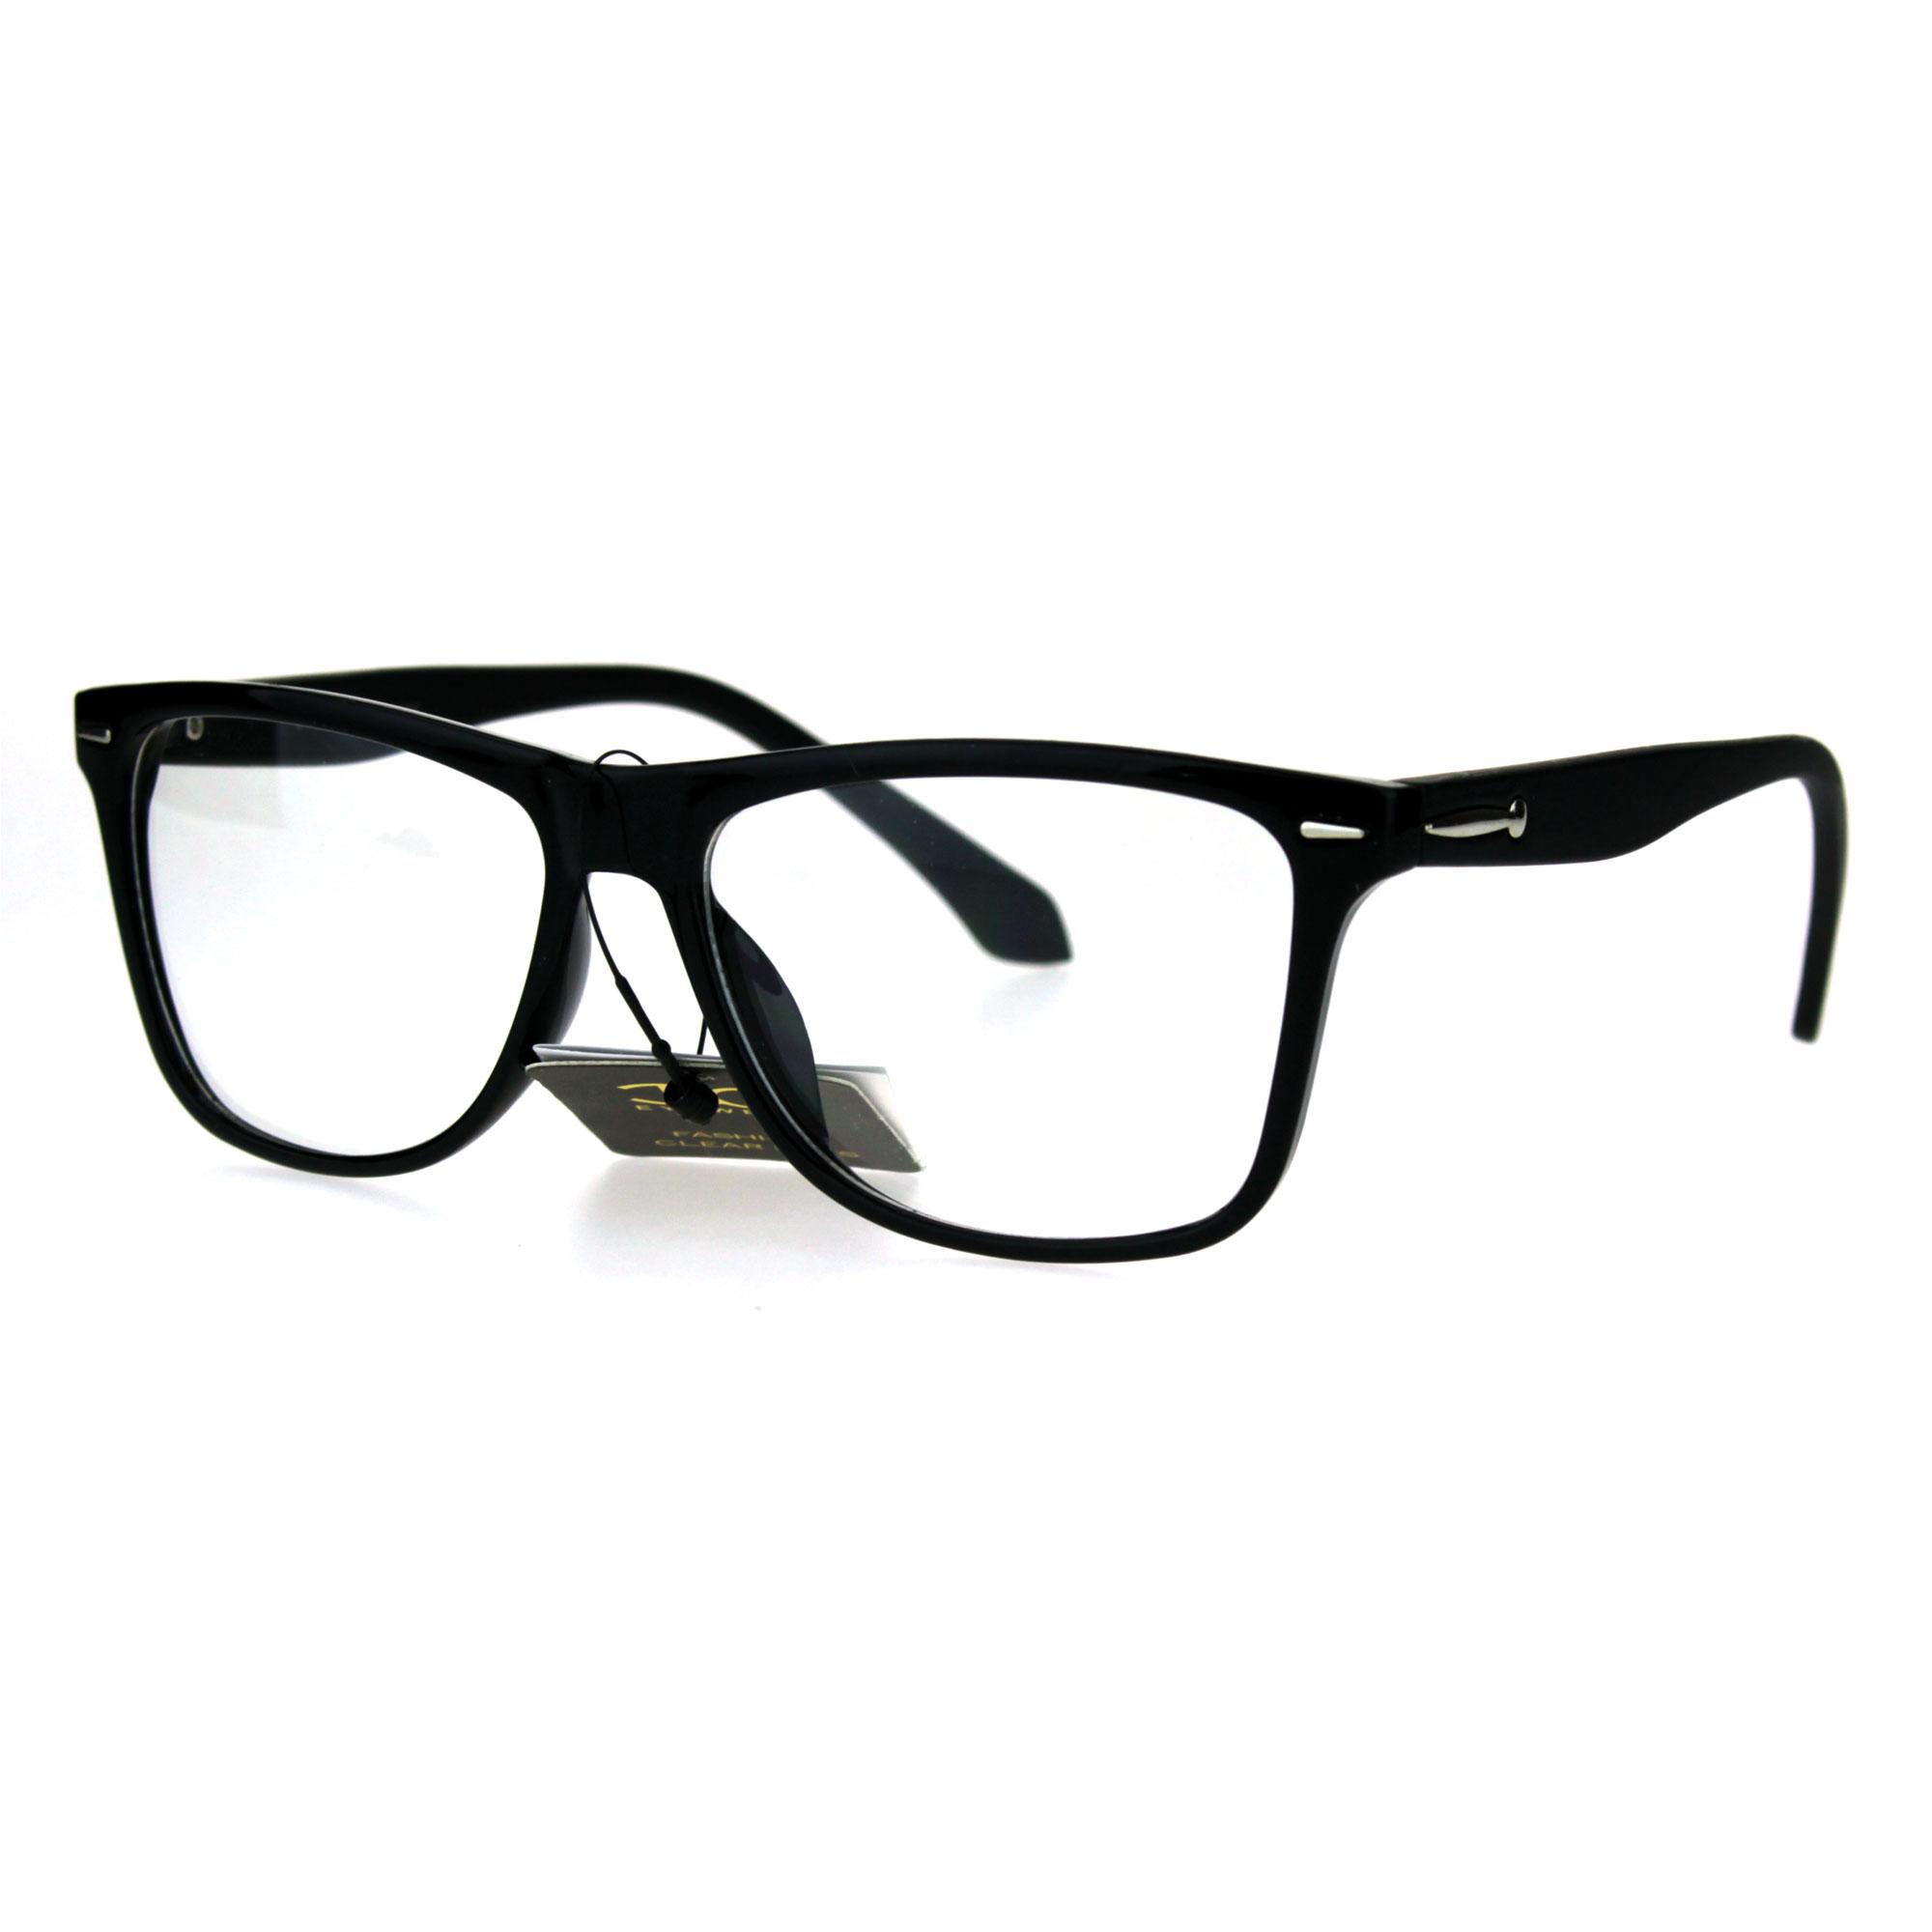 Men s Plastic Frame Glasses : Mens Rectangular Plastic Horn Rim Clear Lens Eye Glasses ...